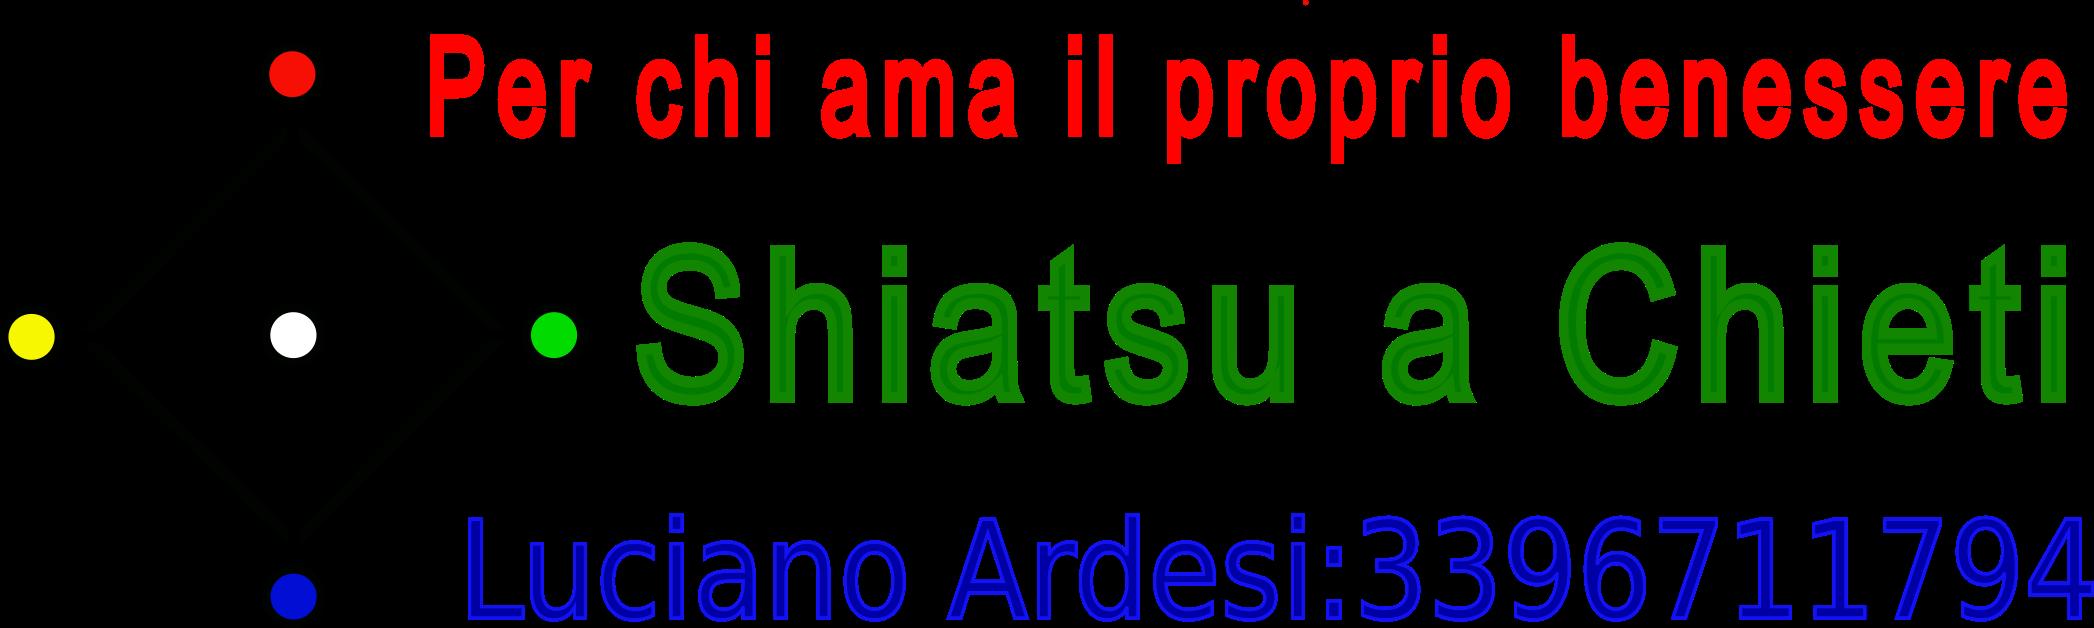 Shiatsu a Chieti